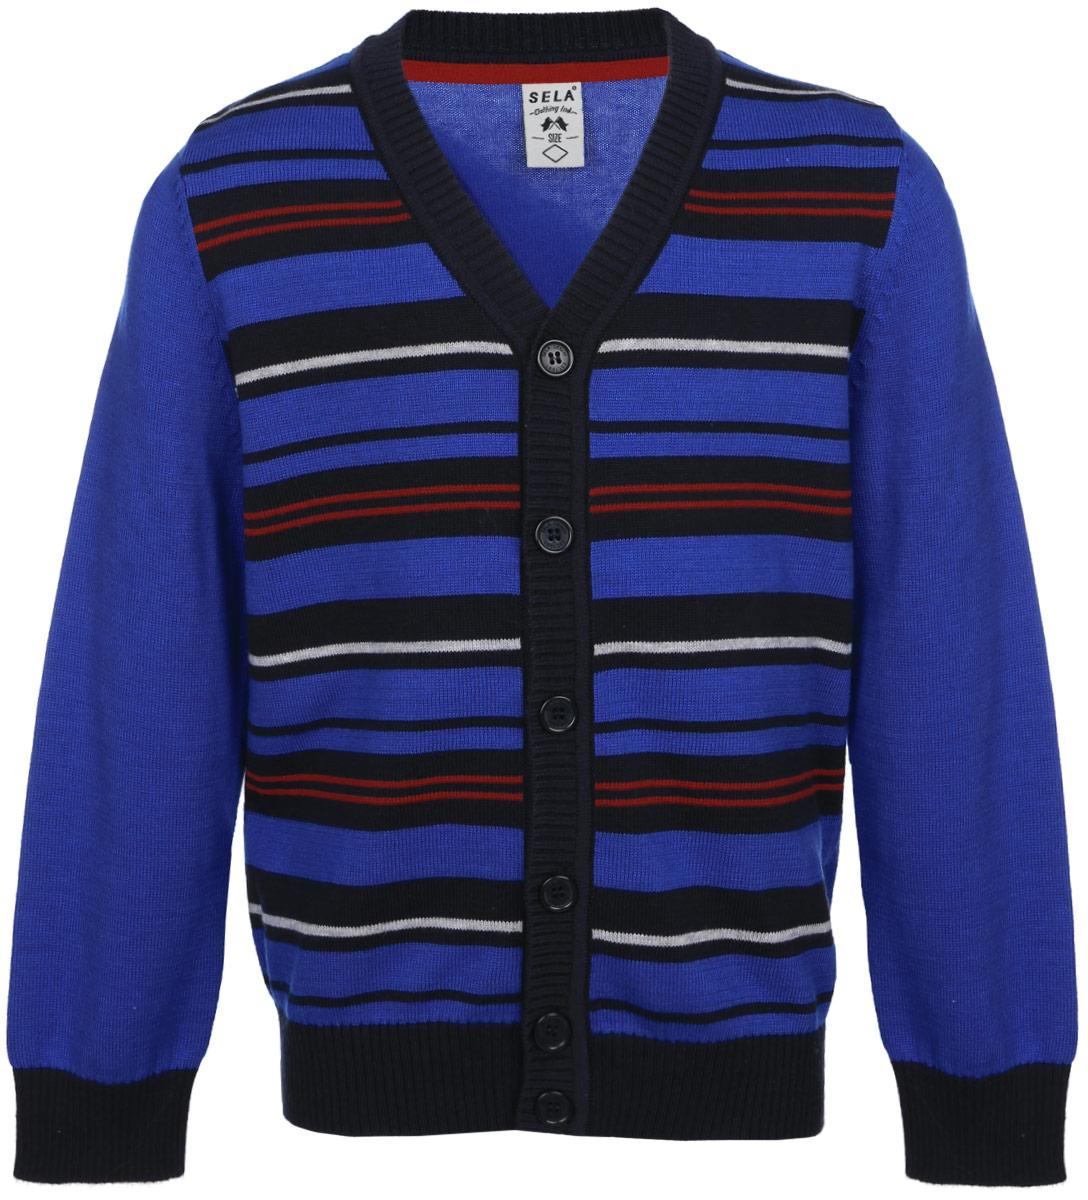 Кардиган для мальчика Sela, цвет: синий. CN-714/144-6322. Размер 92, 2 года брюки max&co max&co ma111ewikr66